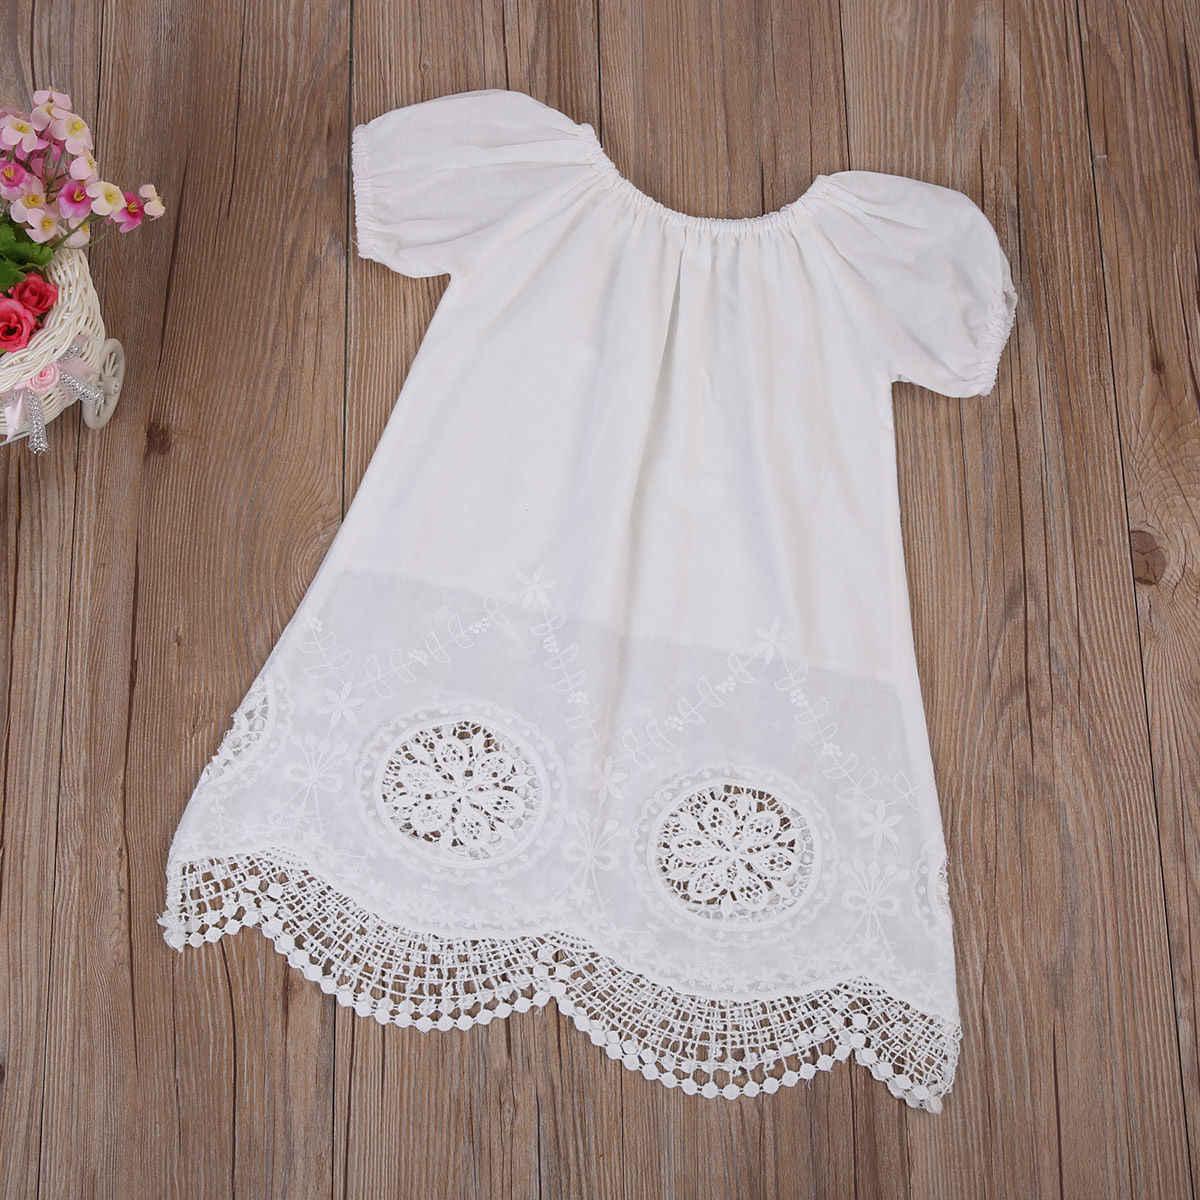 От 0 до 4 лет, детское платье с короткими рукавами для маленьких девочек белое кружевное хлопковое Открытое платье пляжные, вечерние, праздничные, свадебные платья для девочек туника, одежда для маленьких девочек